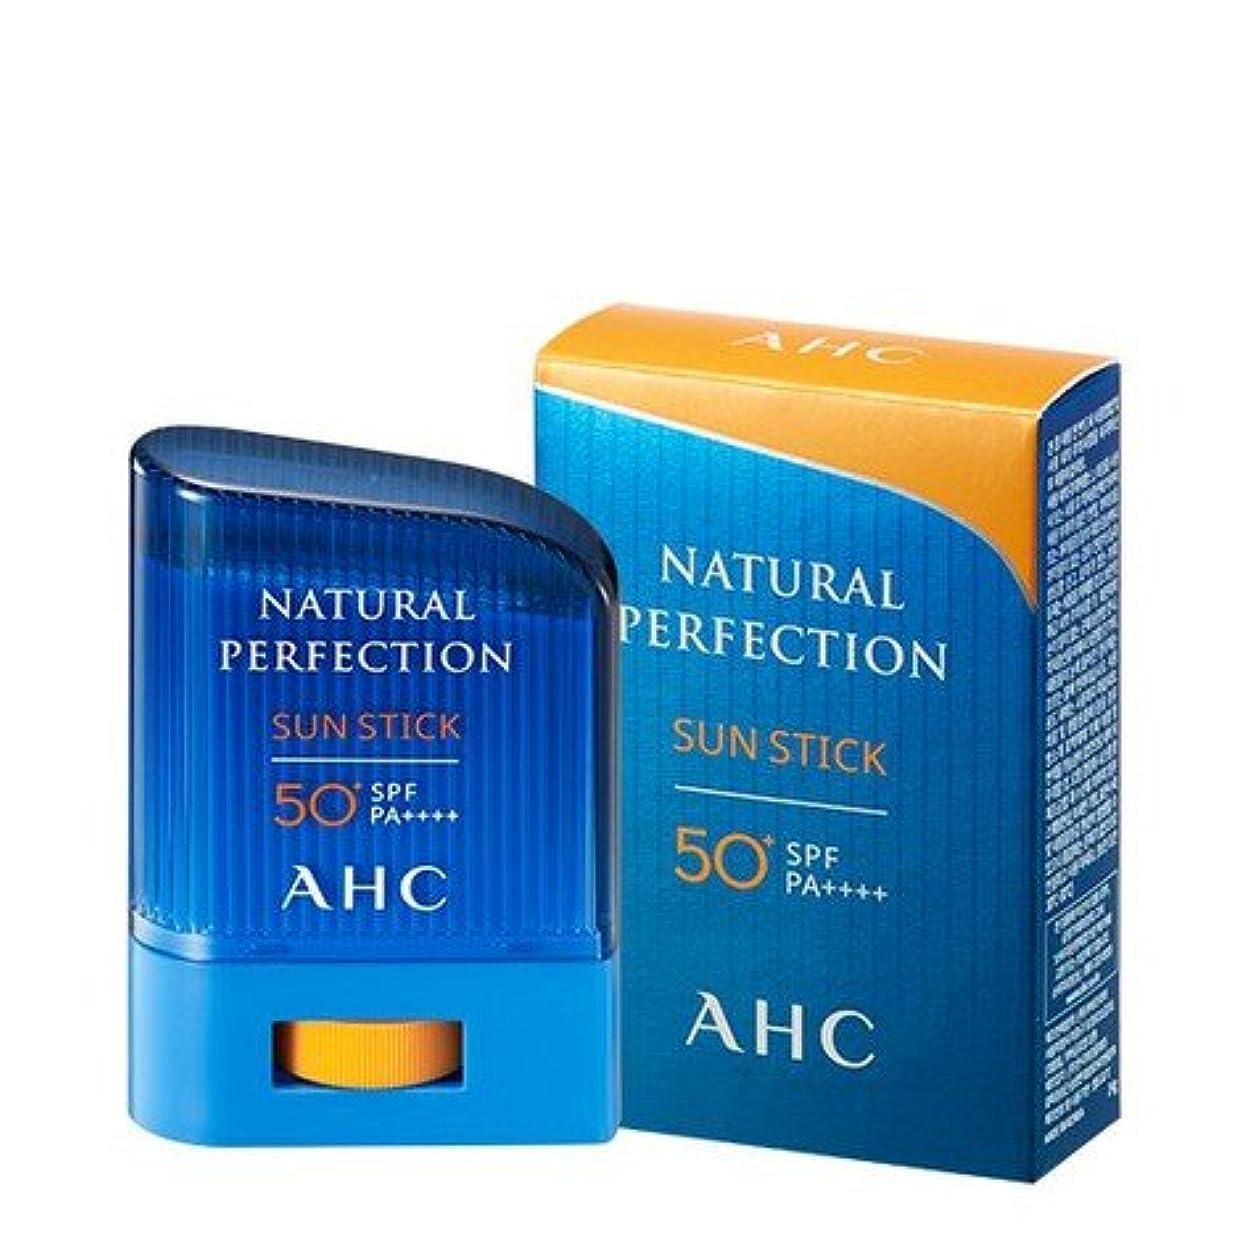 予言する下着安定しました[Renewal 最新] AHCナチュラルパーフェクション線スティック / AHC NATURAL PERFECTION SUN STICK [SPF 50+ / PA ++++] [並行輸入品] (22g)